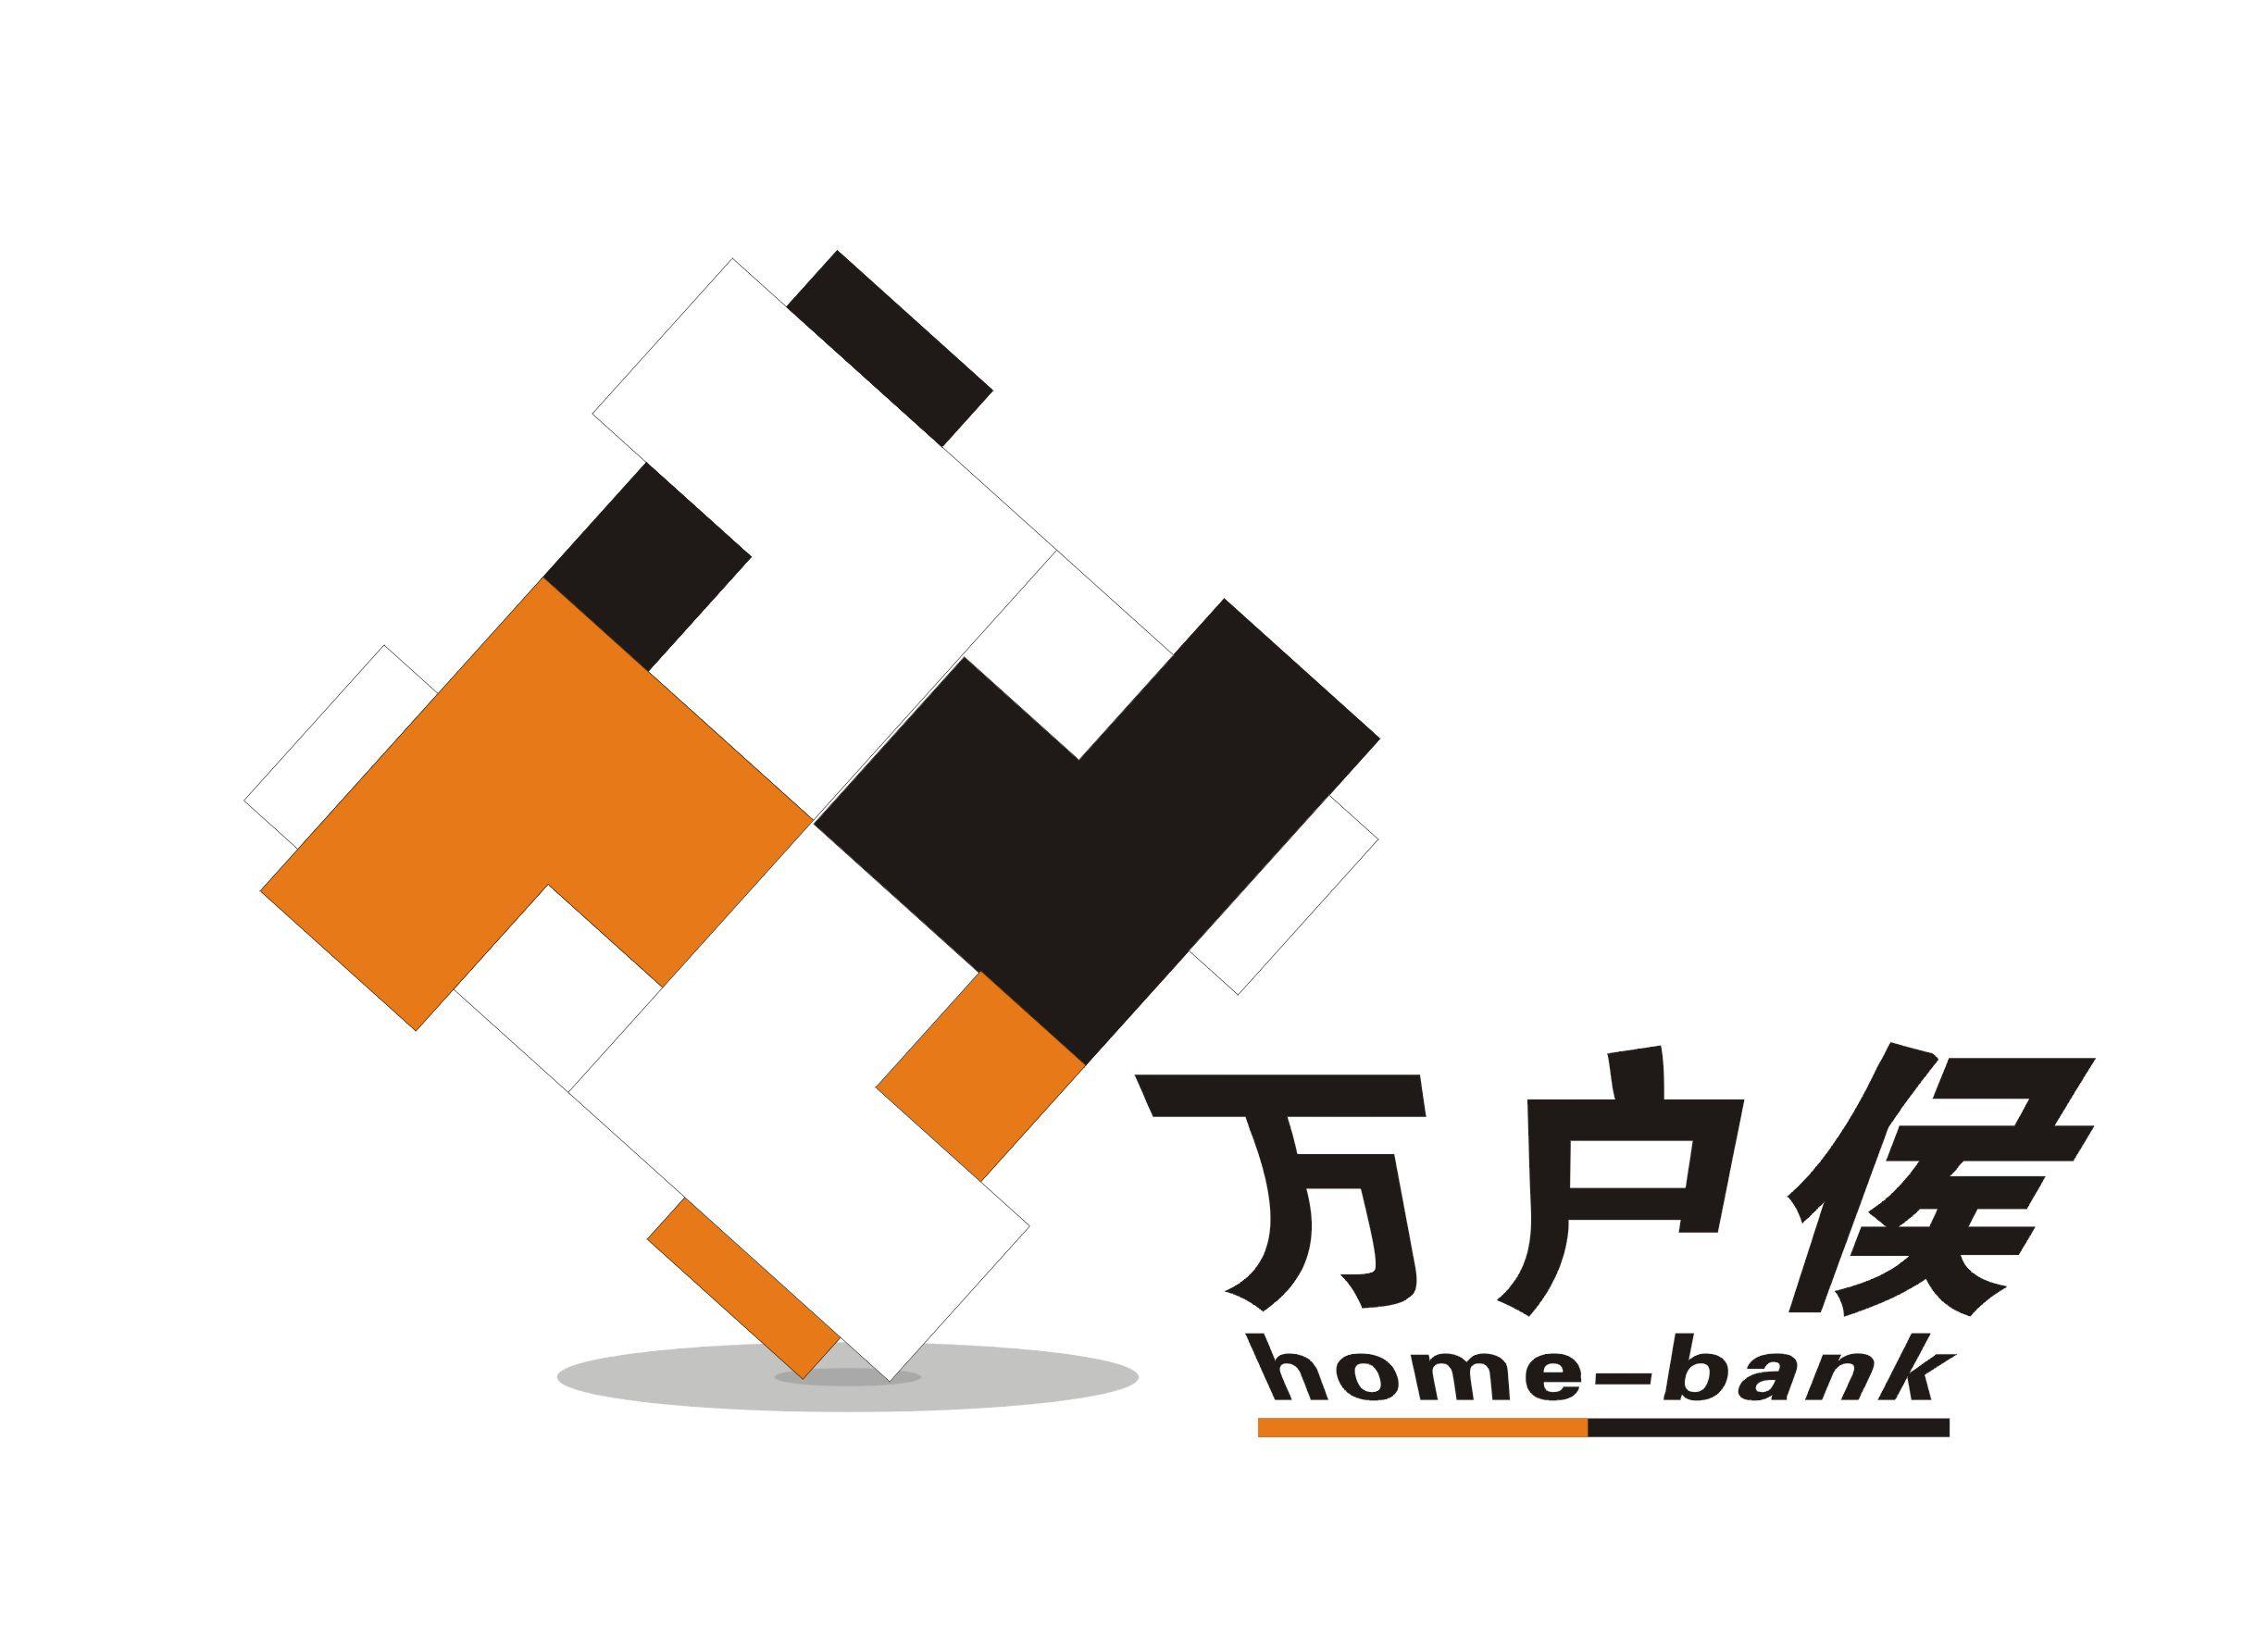 """设计要求: 1、品牌名称:中文万户侯,英文home-bank""""。 2、LOGO设计构成:品牌名称+抽象要素 3、体现出行业特性:不动产领域,与房子有关,易于识别,使人容易联想到房子、不动产。 4、万户侯三字源于中国古时用法,因此要有很浓的中国文化韵味。 5、体现出万户侯三字的大气与霸气。 6、色调:可以选用金、黑、红、黄等醒目的颜色,不要用色过多,简单醒目就好。 7、LOGO为基础VI设计要素,LOGO确定后,还需要整体的VI手册设计。"""